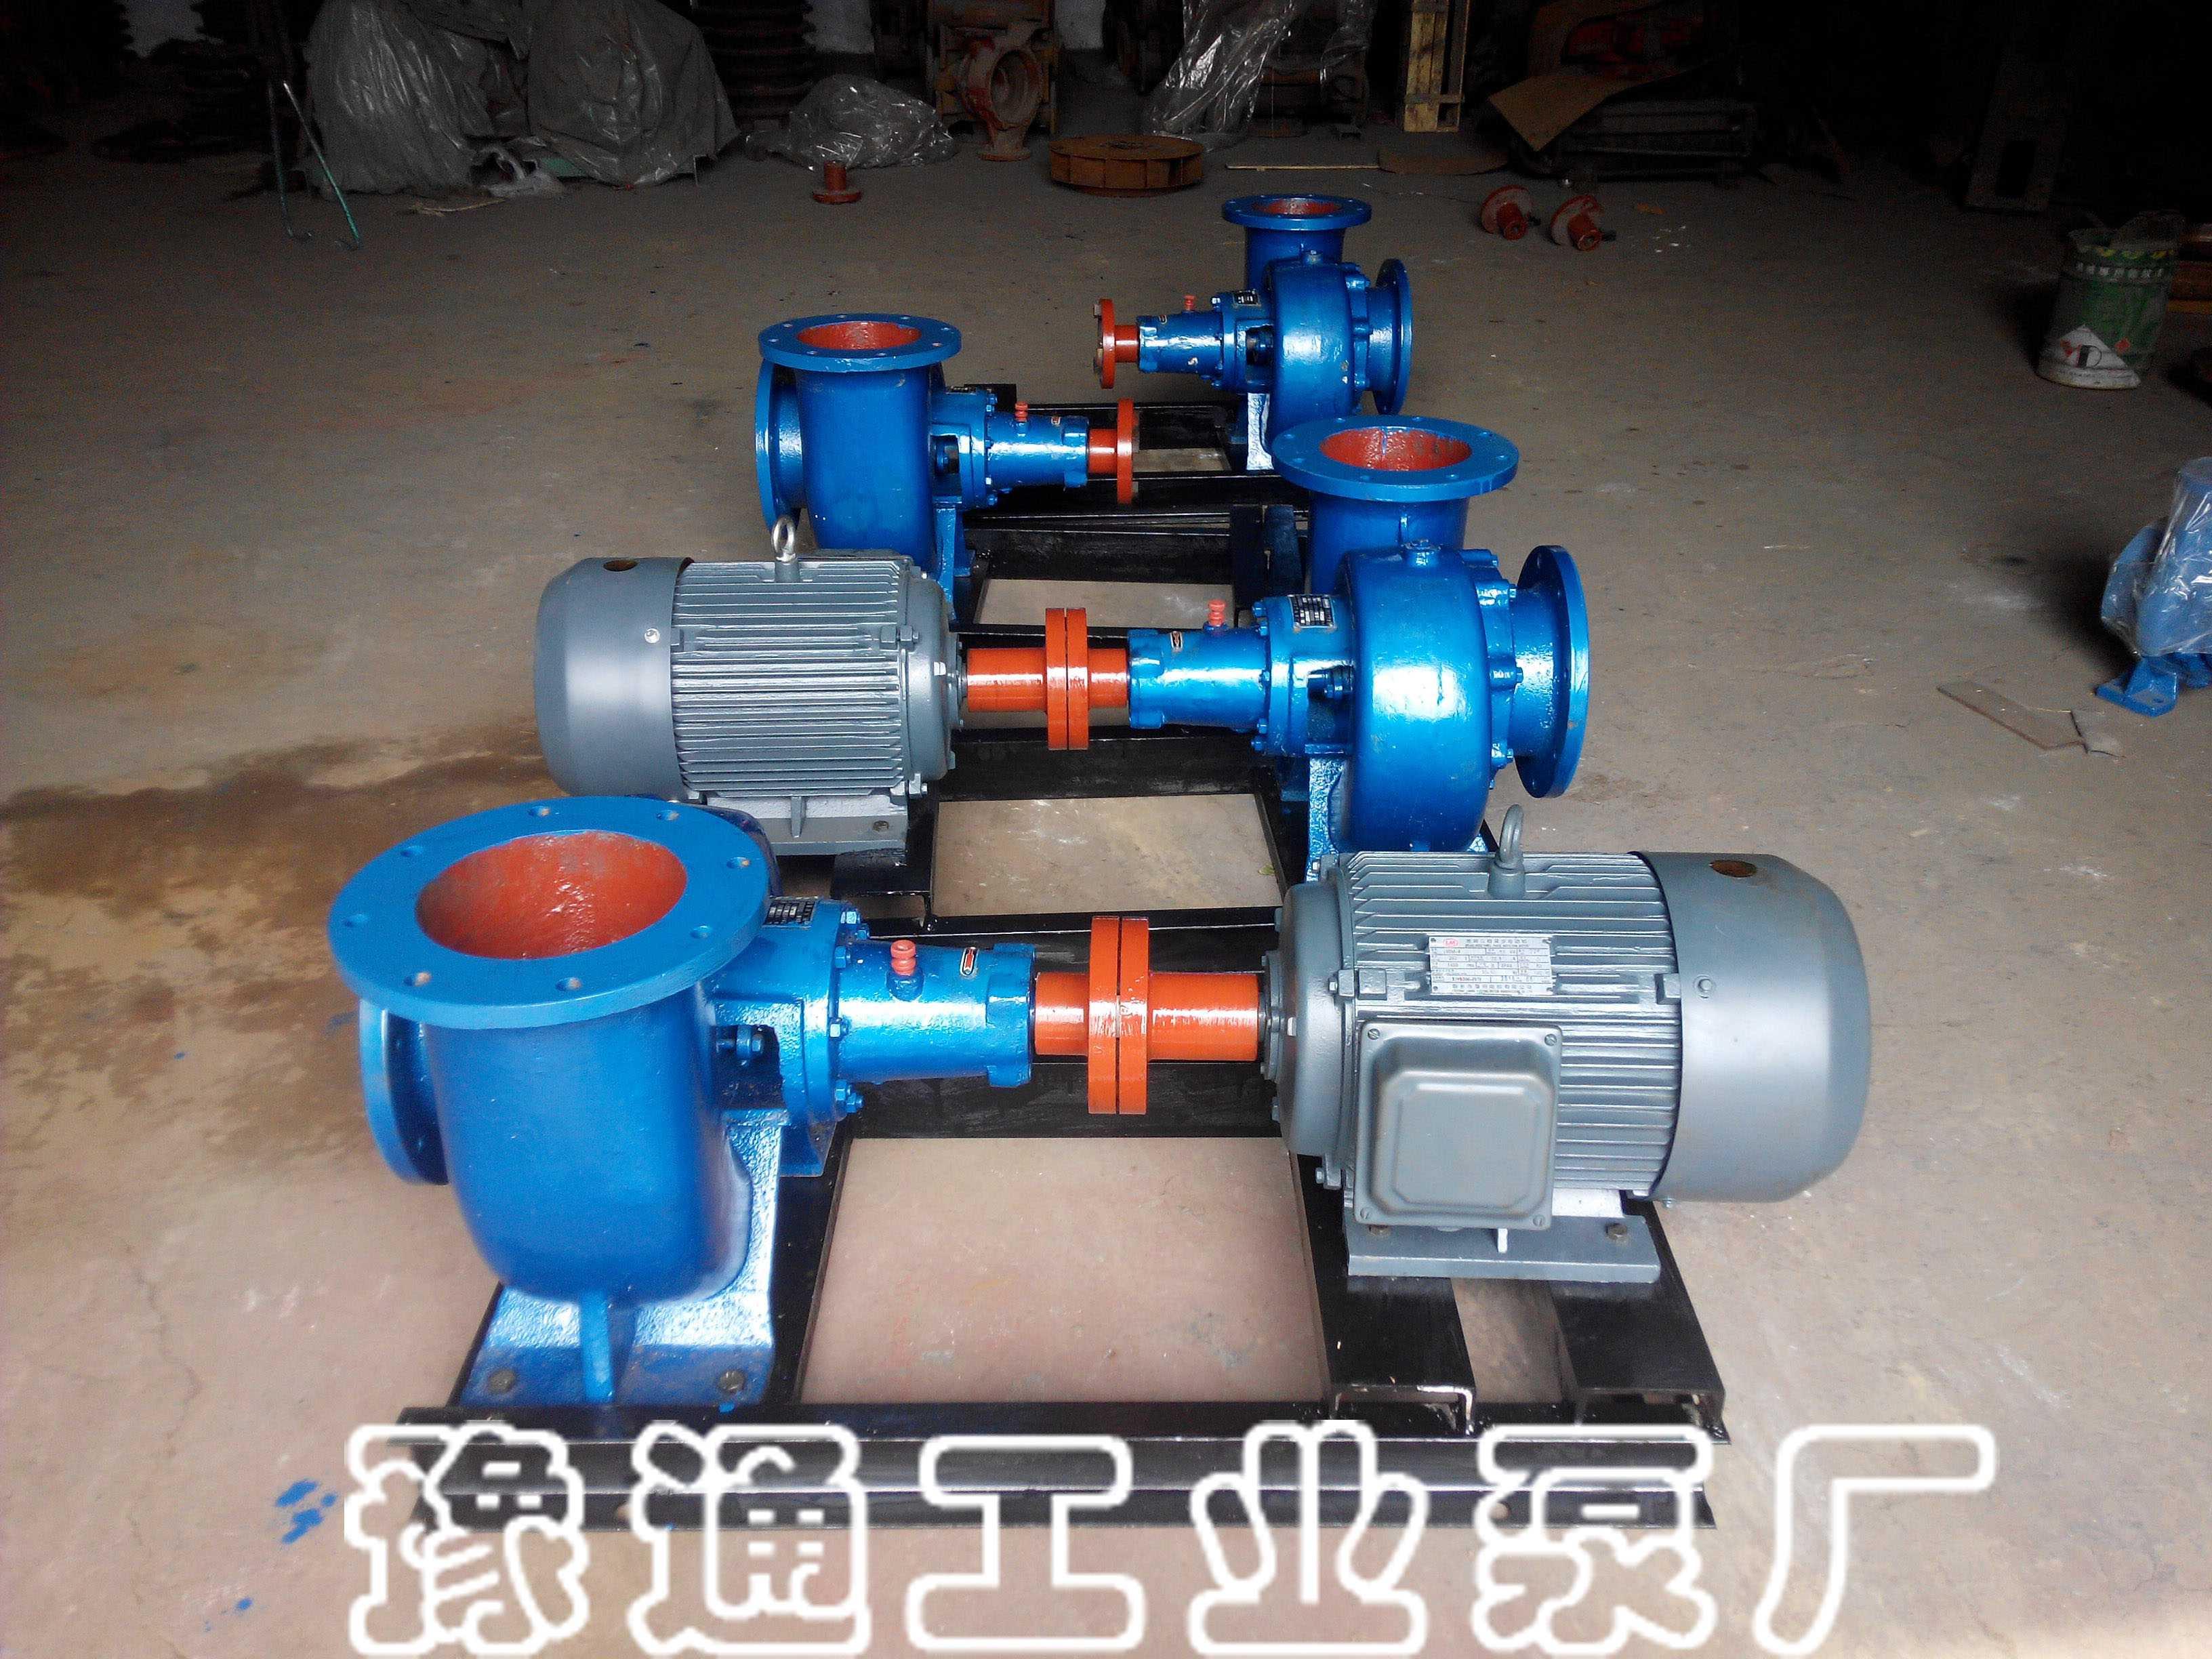 价格合理的HW蜗壳式混流泵 大量供应超值的河南新乡产HW蜗壳式混流泵